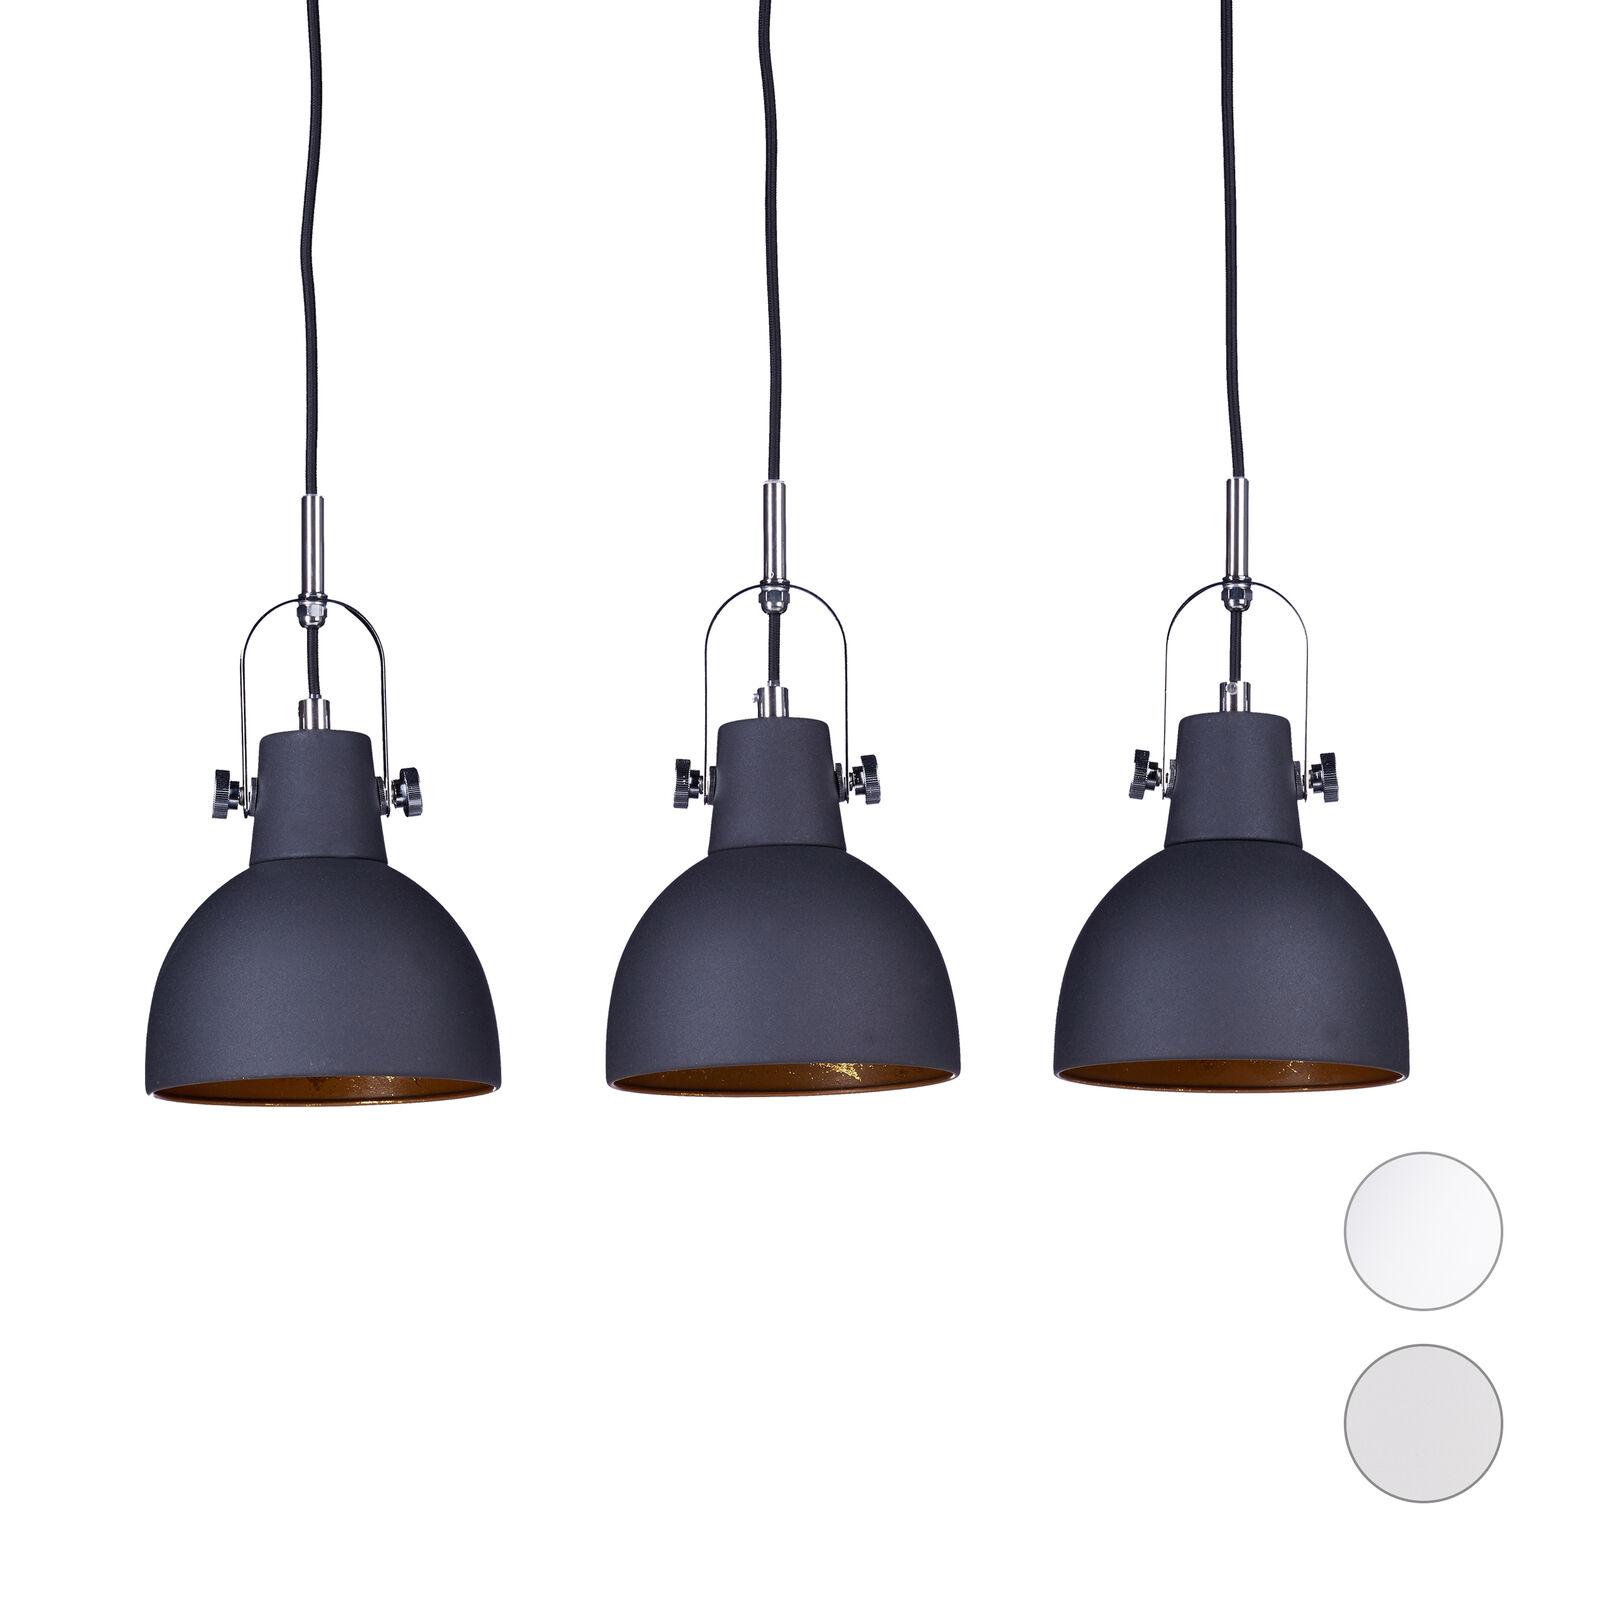 Sconto del 70% Luce pendente 3-fiamma, regolabile regolabile regolabile in altezza, Lampada da Soffitto, Design Lampadario  vieni a scegliere il tuo stile sportivo